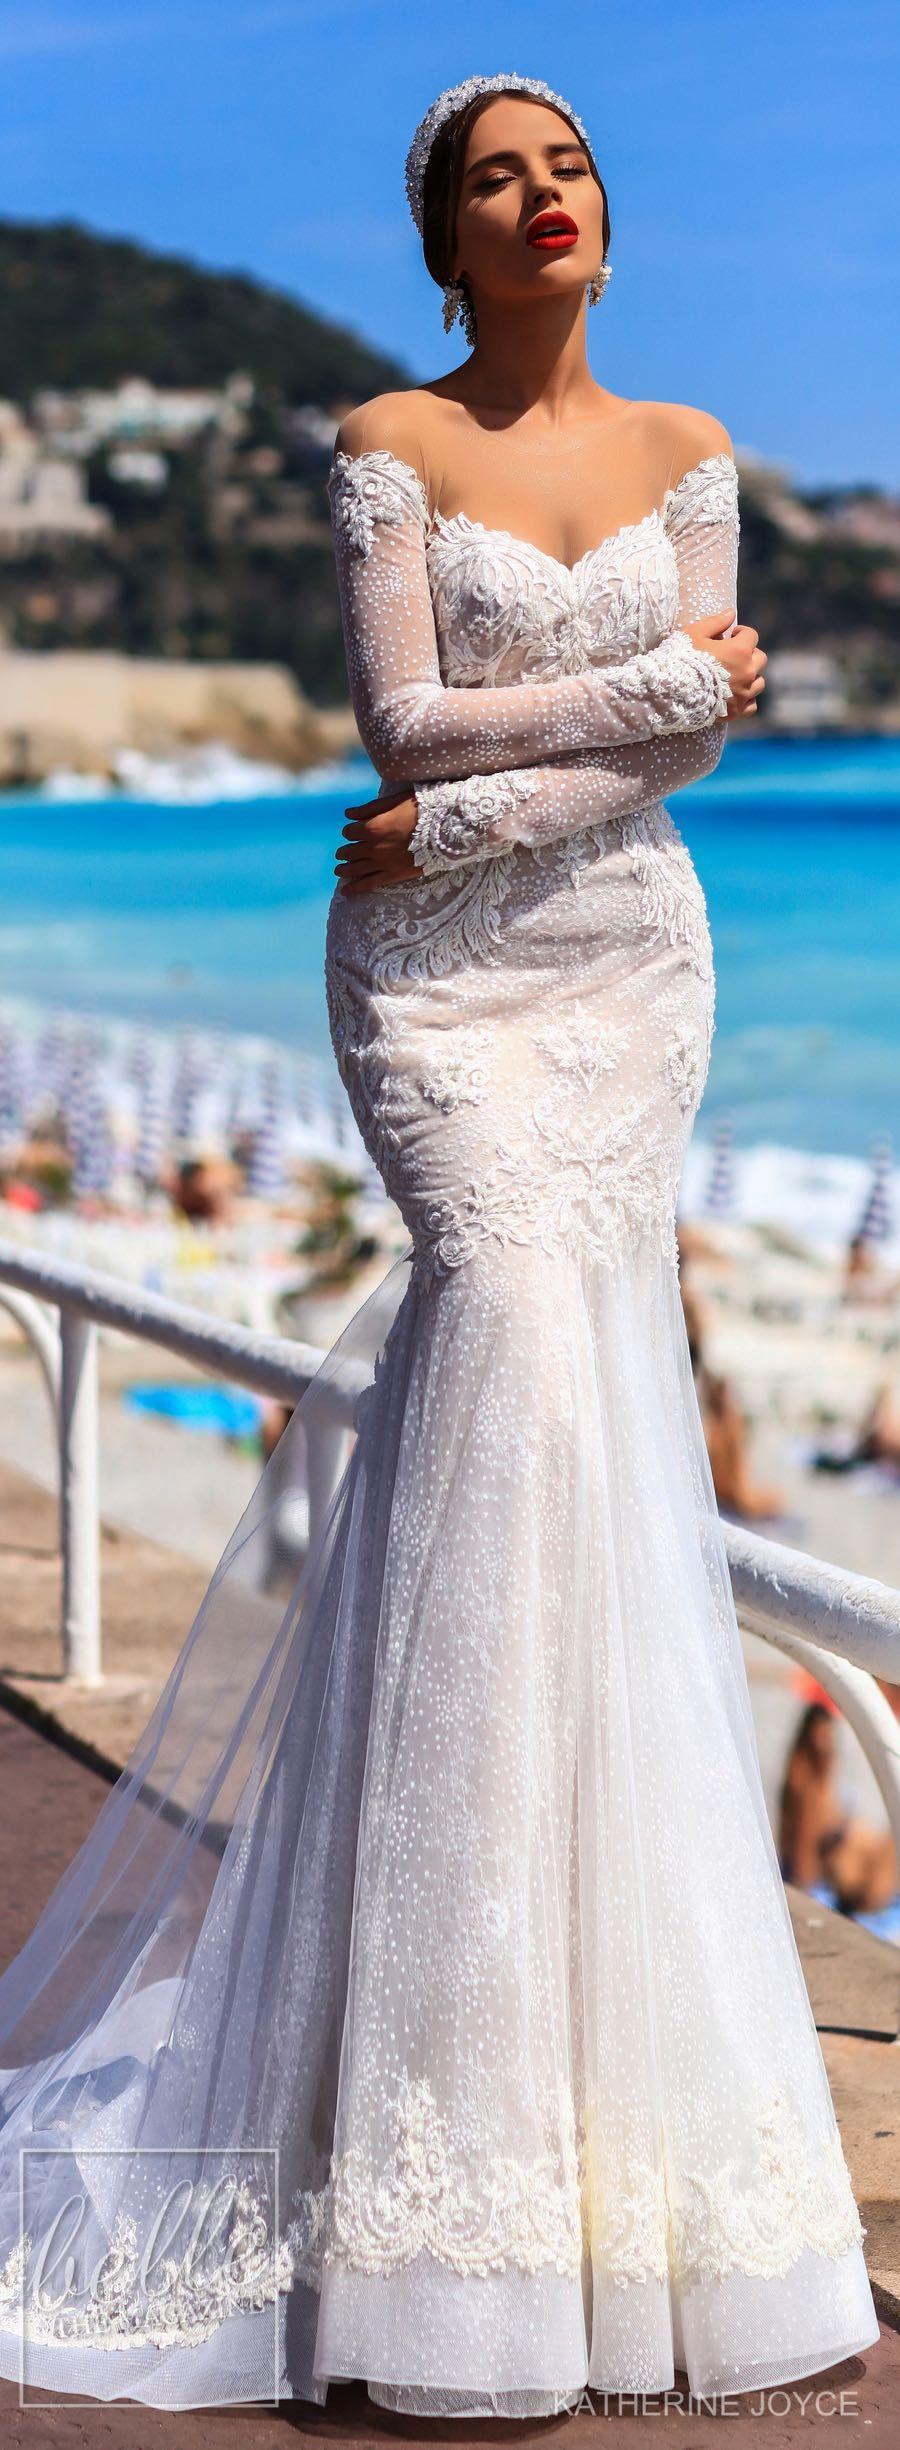 Коллекция свадебных платьев 2016 года от Kate McDonald новые фото